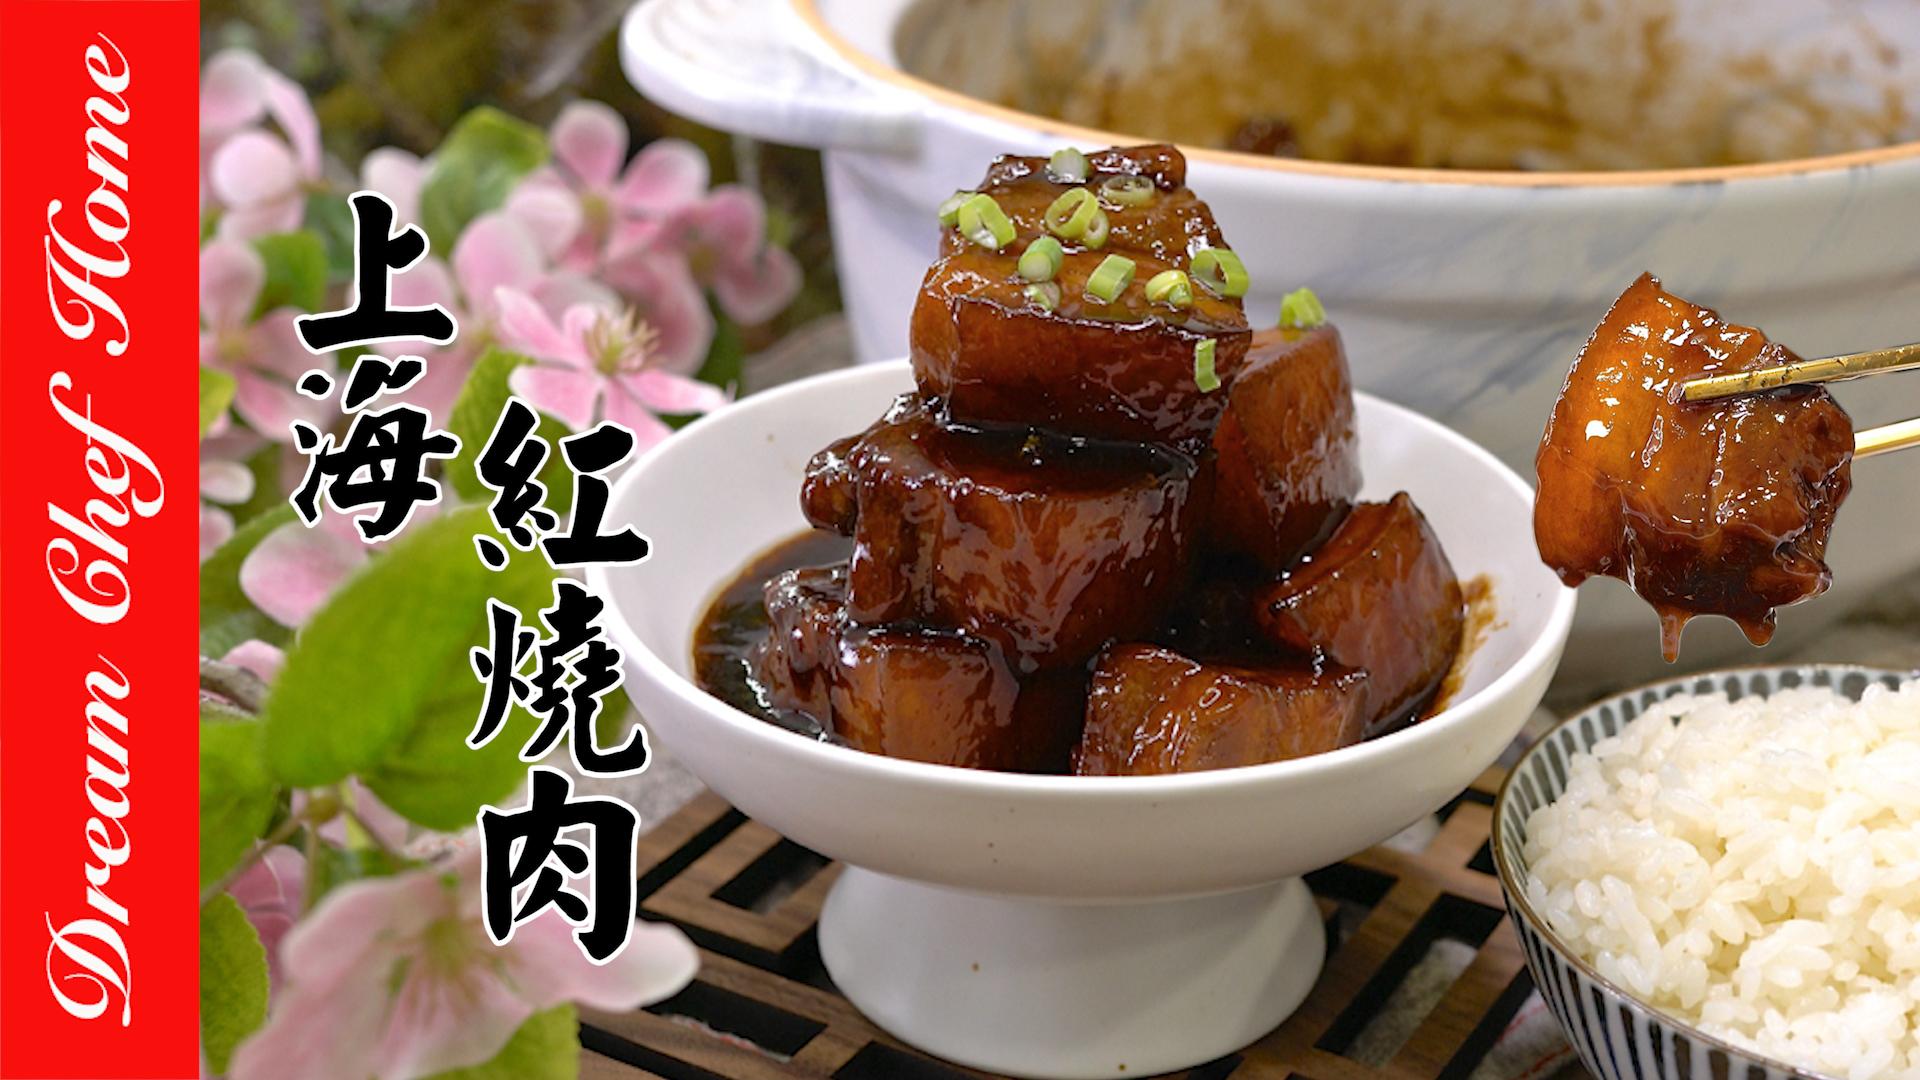 上海紅燒肉,記憶中的難忘滋味,濃油赤醬經典本幫紅燒肉!